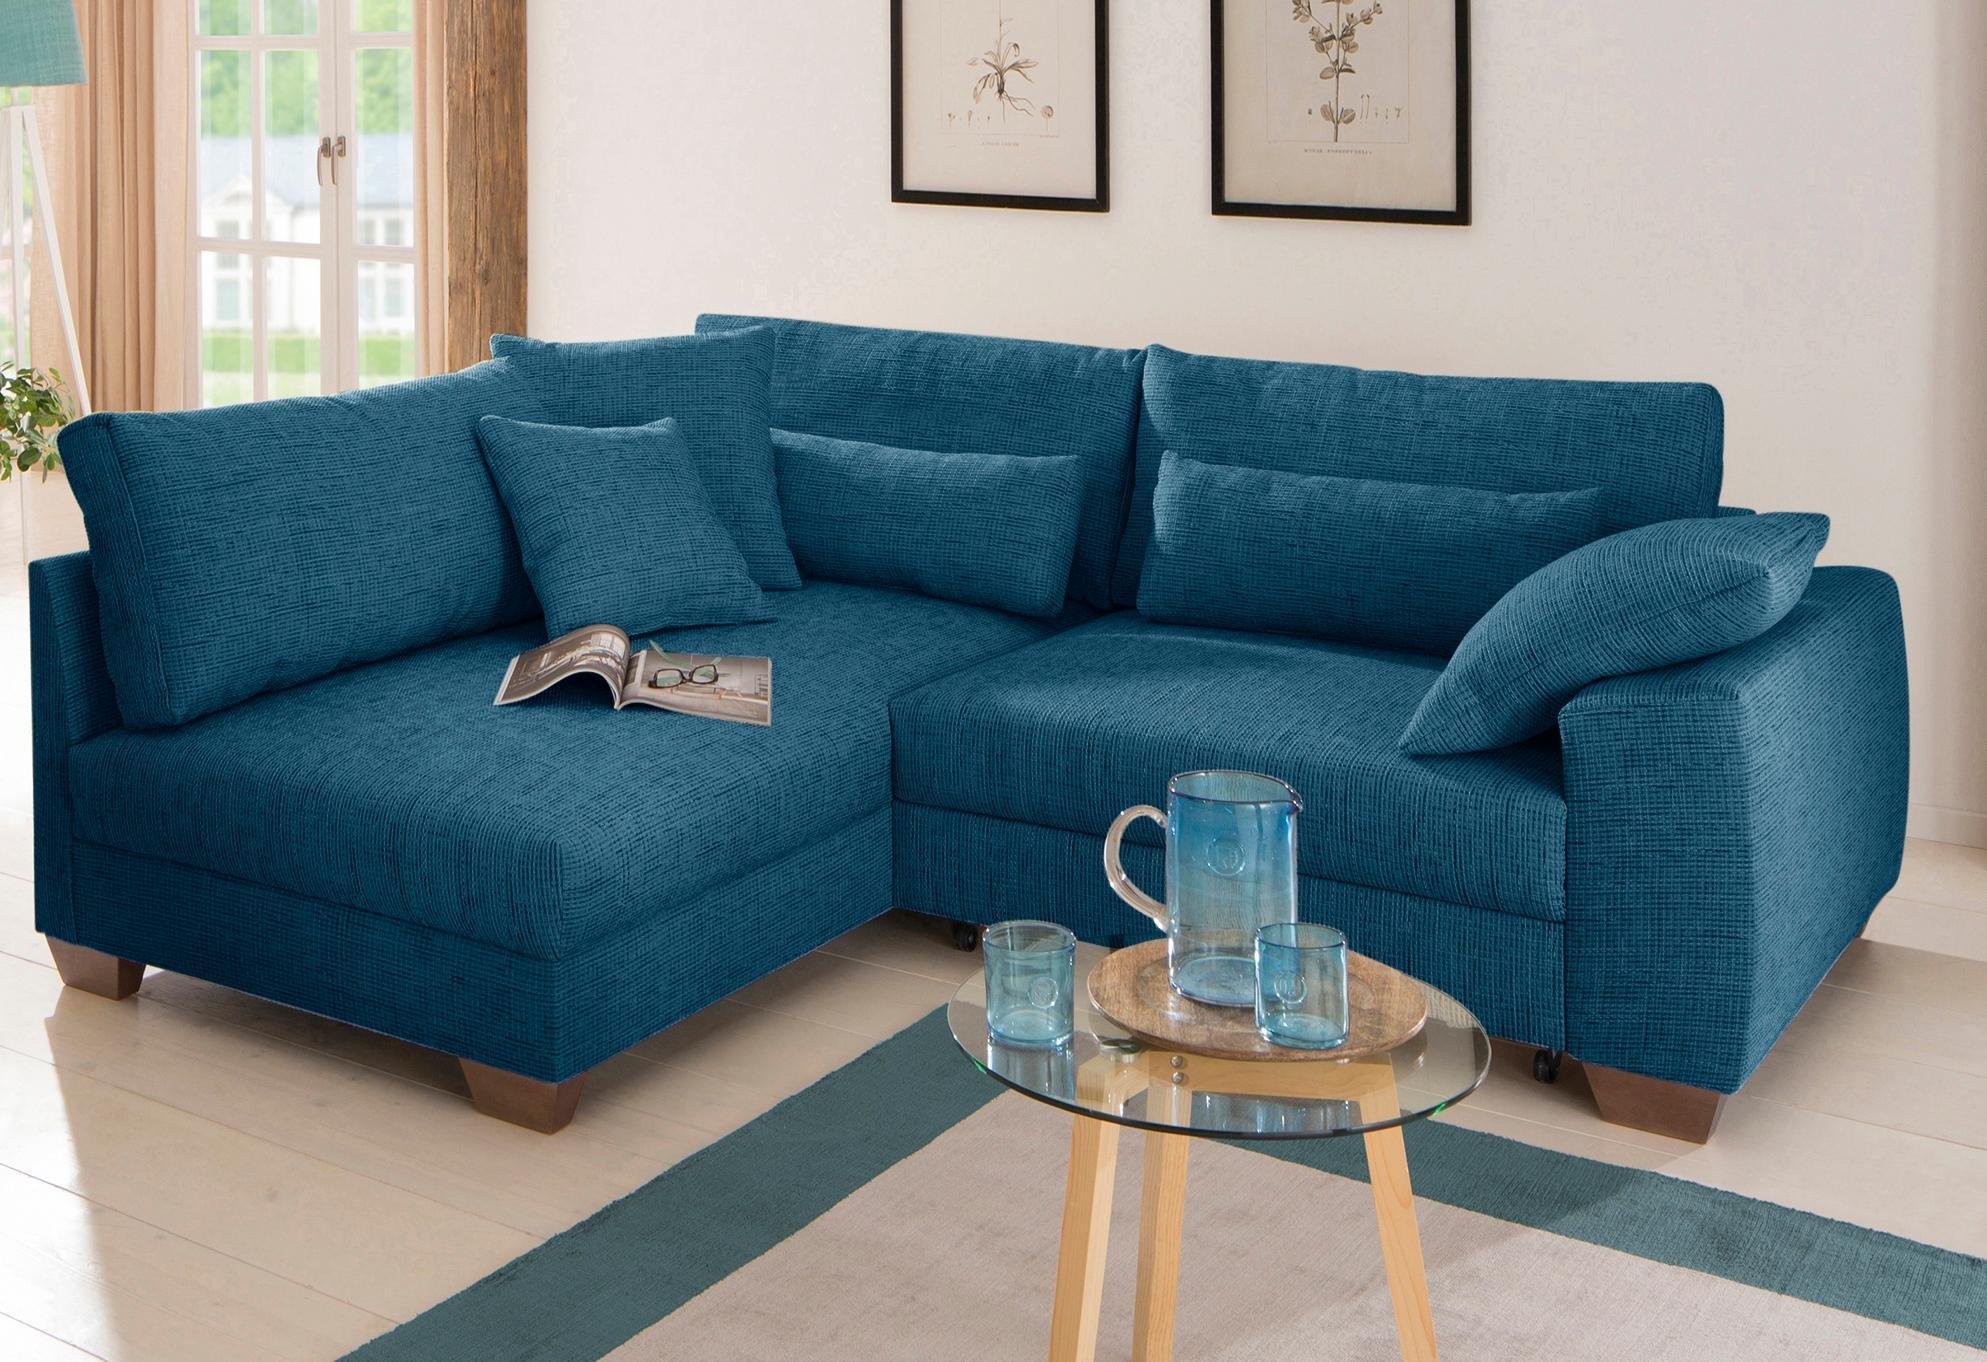 Full Size of Federkern Sofa Selbst Reparieren Oder Schaumstoff Couch Mit Poco Big Kaltschaum Wellenunterfederung Schaum Schlaffunktion Mondo Weiches Muuto Xxl Günstig Sofa Sofa Federkern